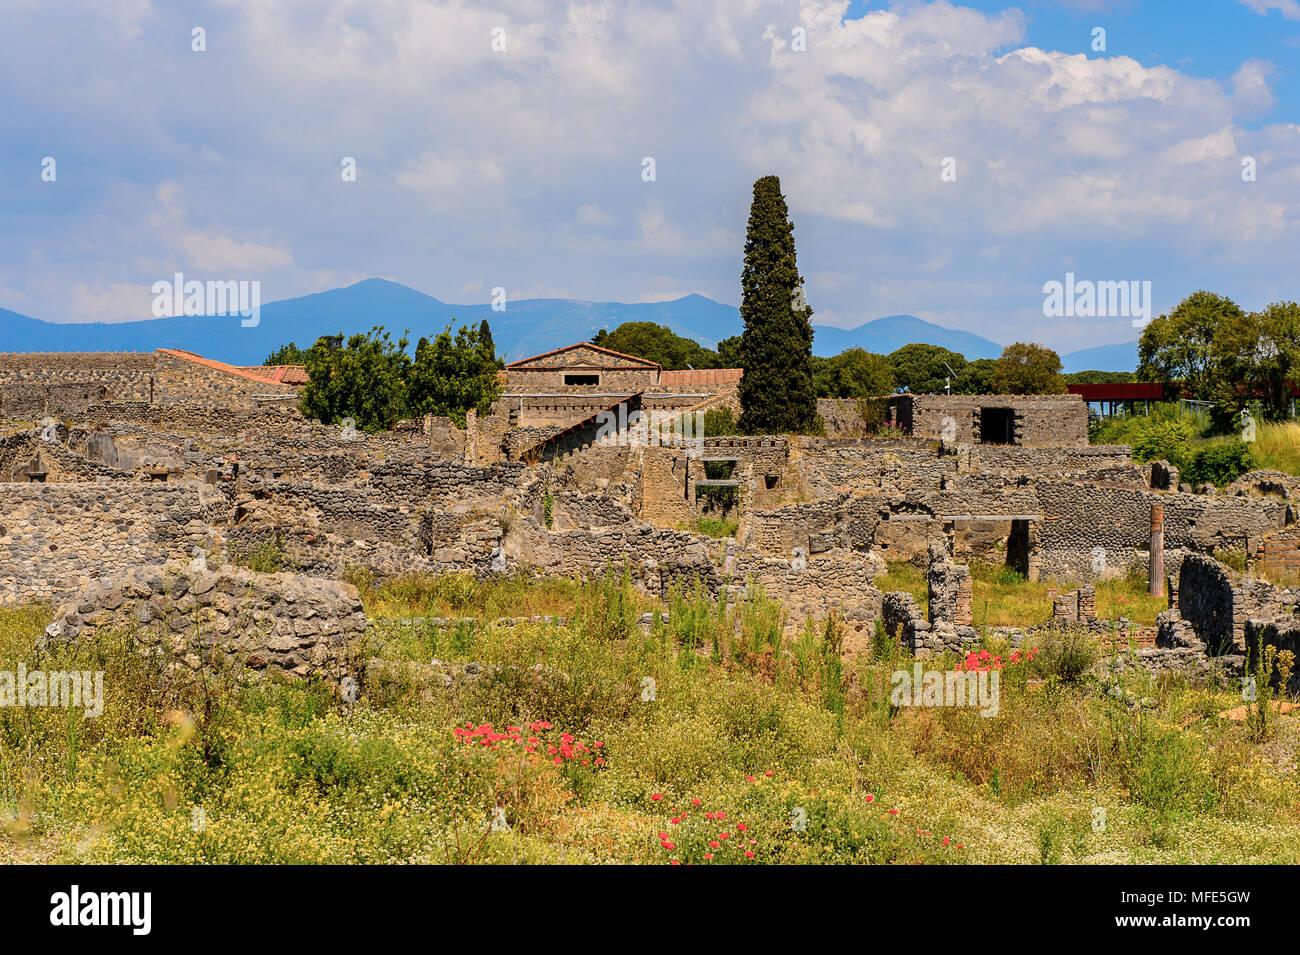 Architecture détruit de Pompéi, une ancienne ville romaine détruite par le volcan Vésuve. Site du patrimoine mondial de l'UNESCO Photo Stock